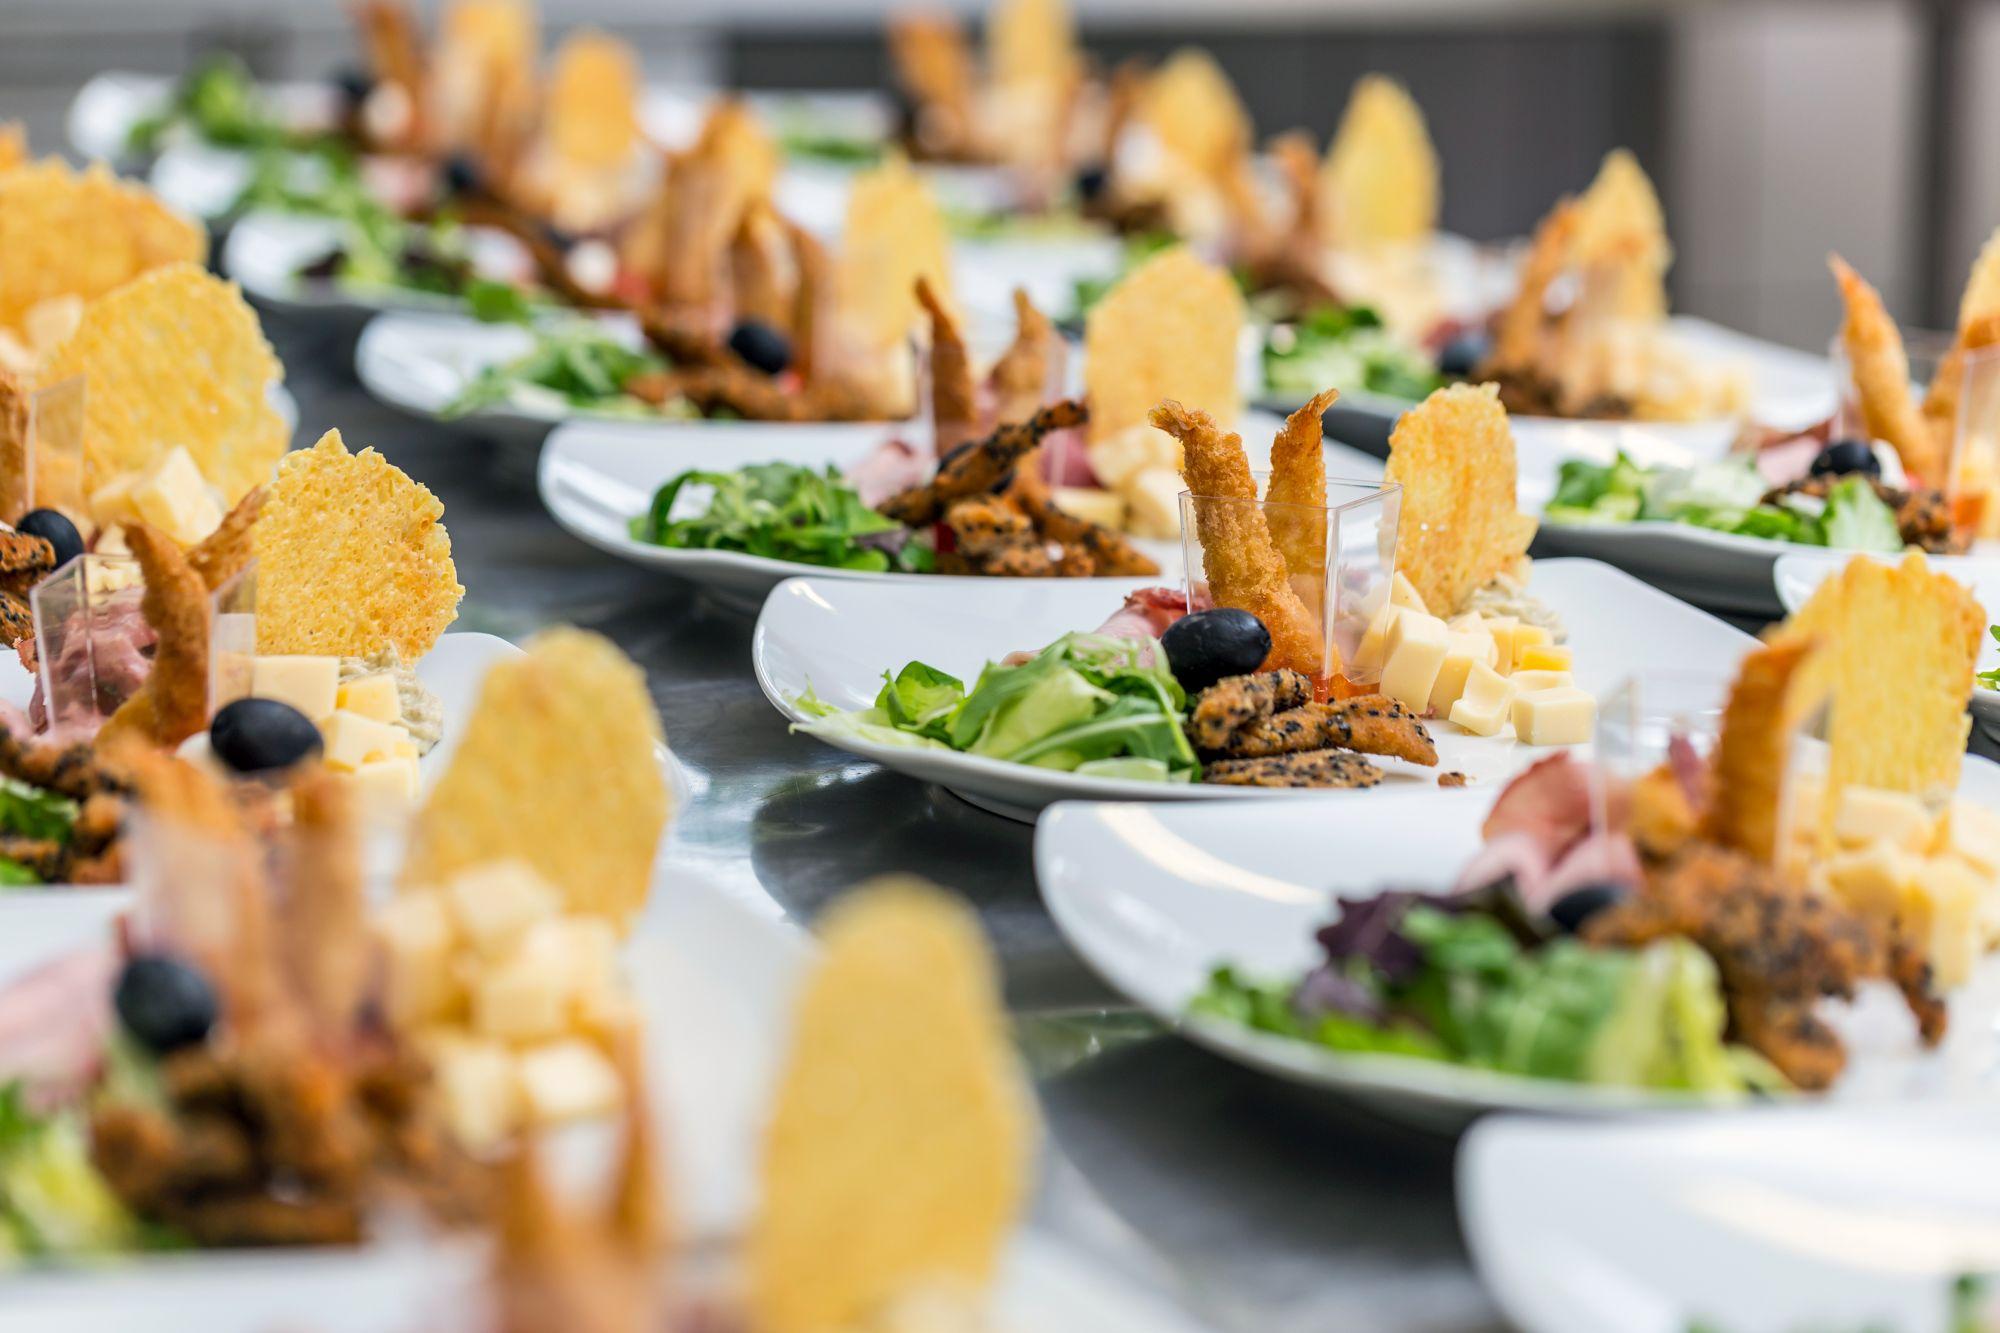 Luxury food on wedding table